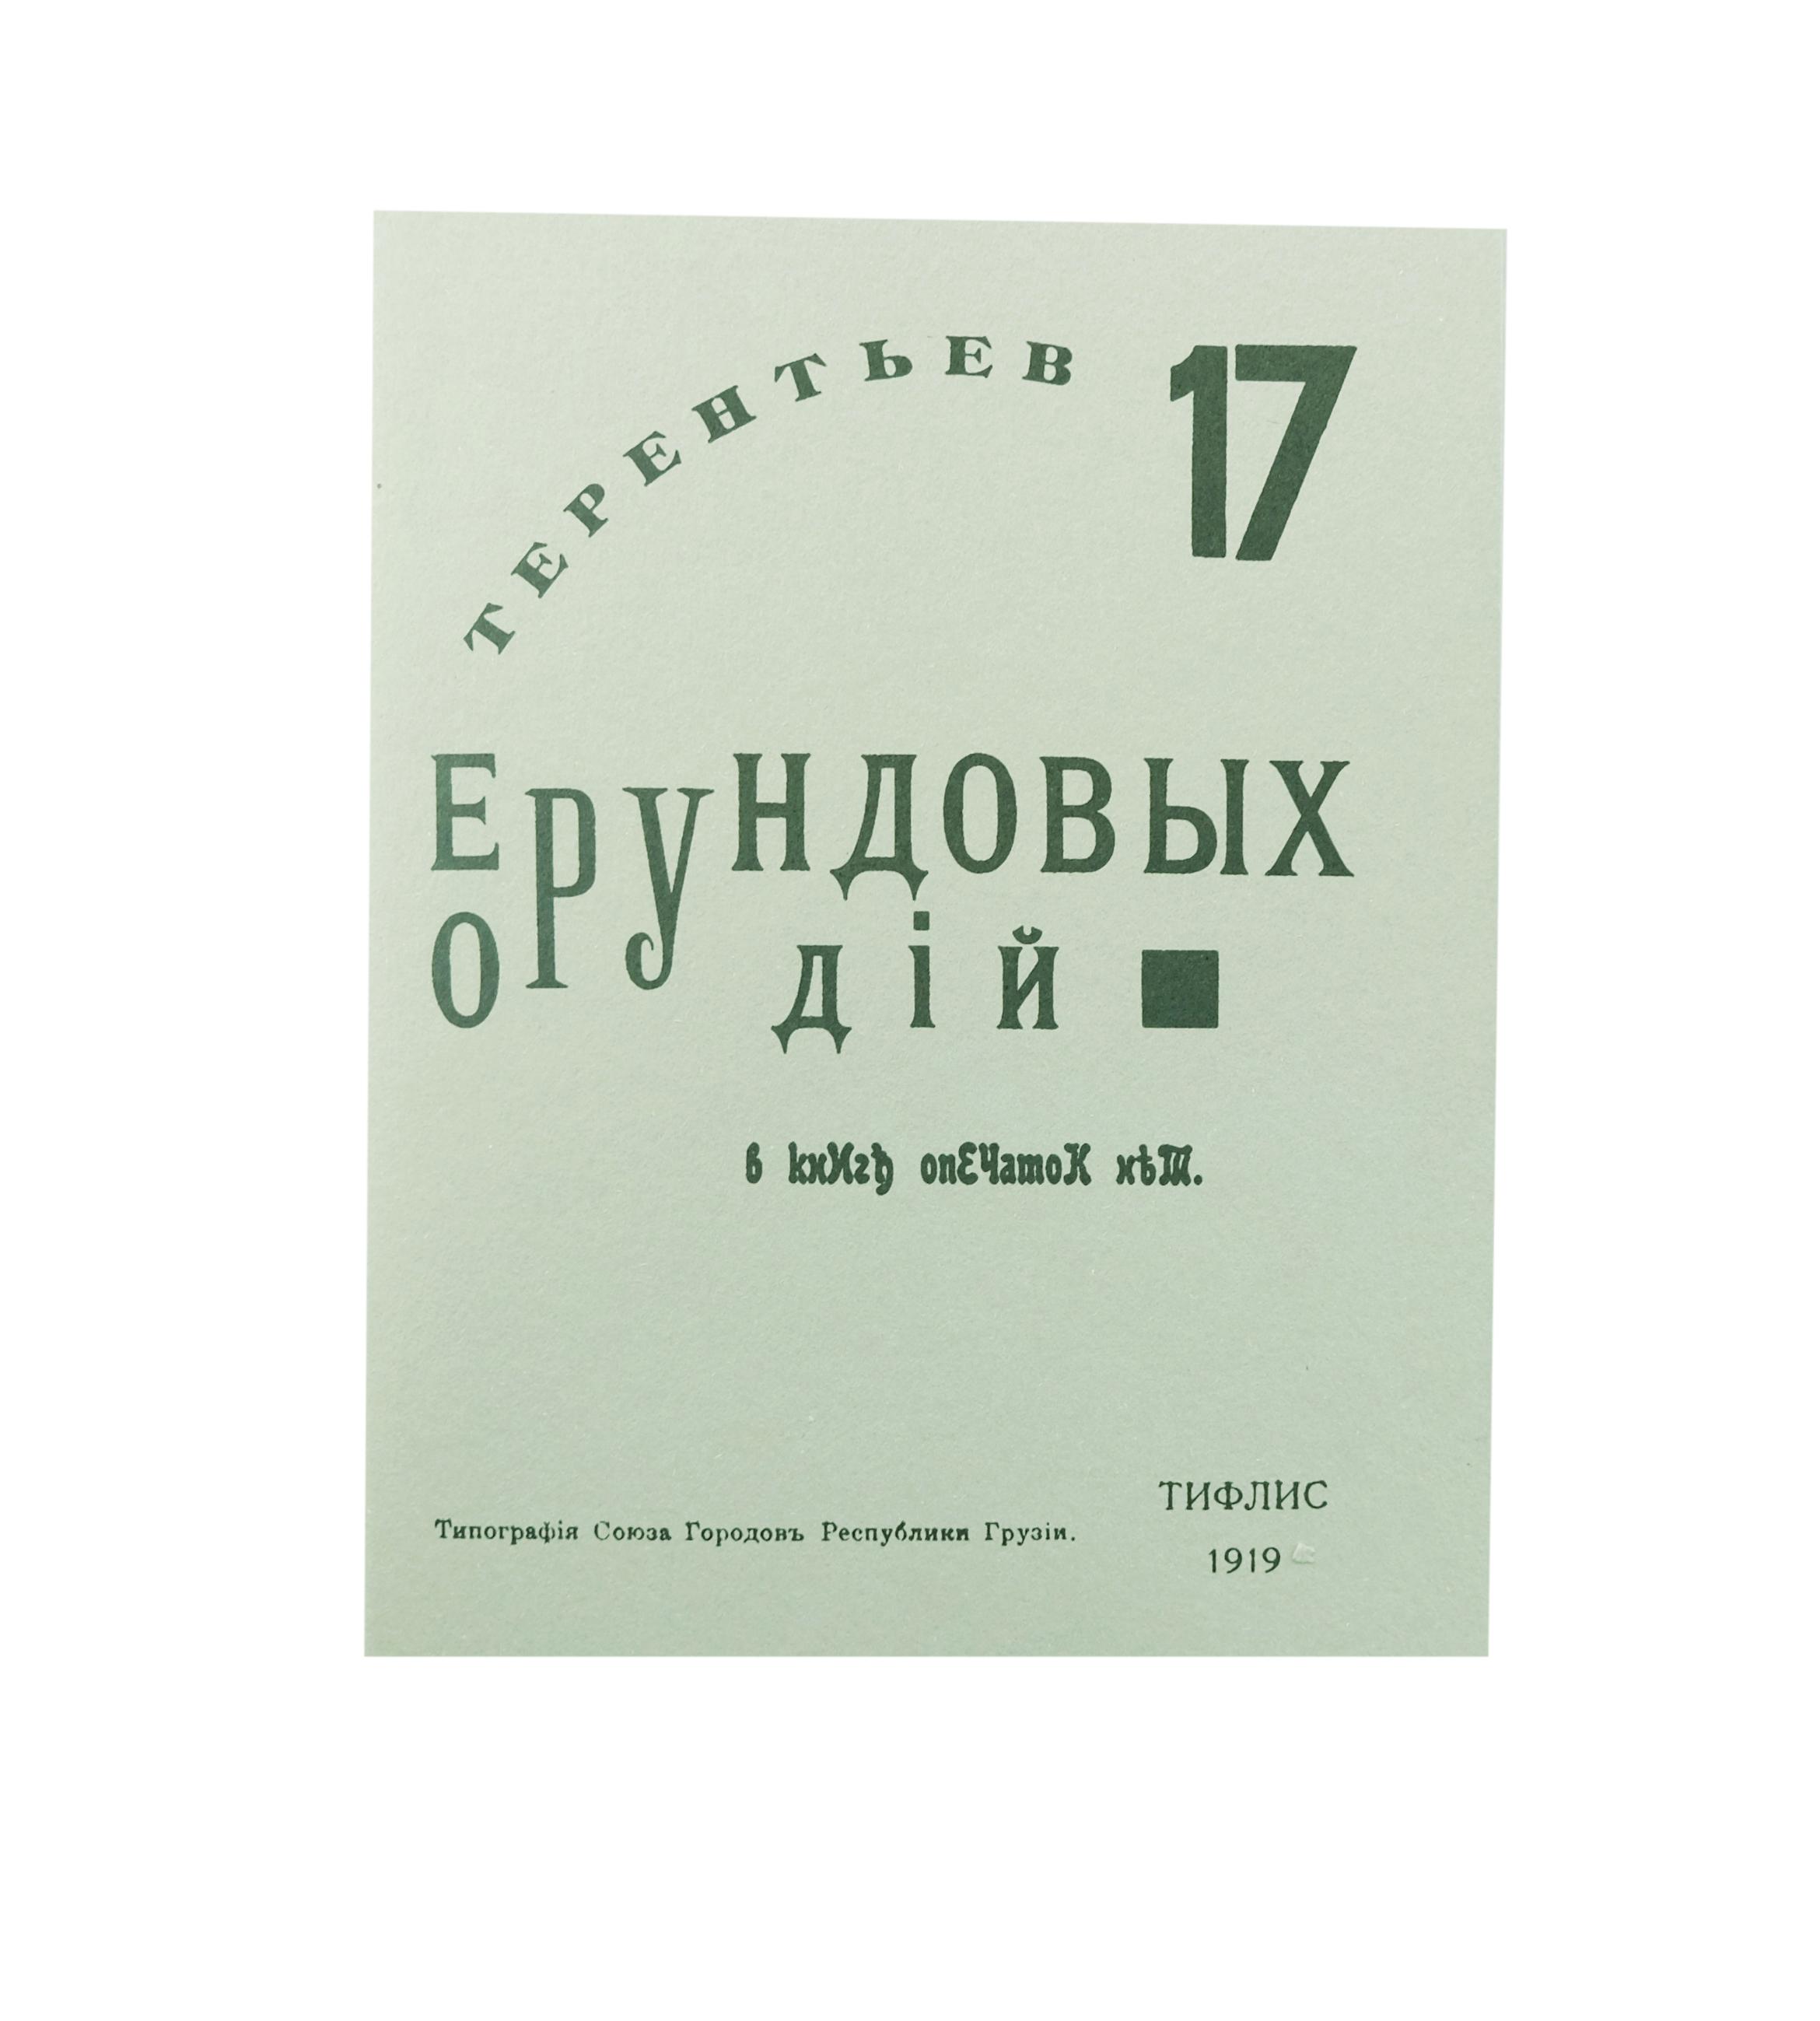 17953.JPG